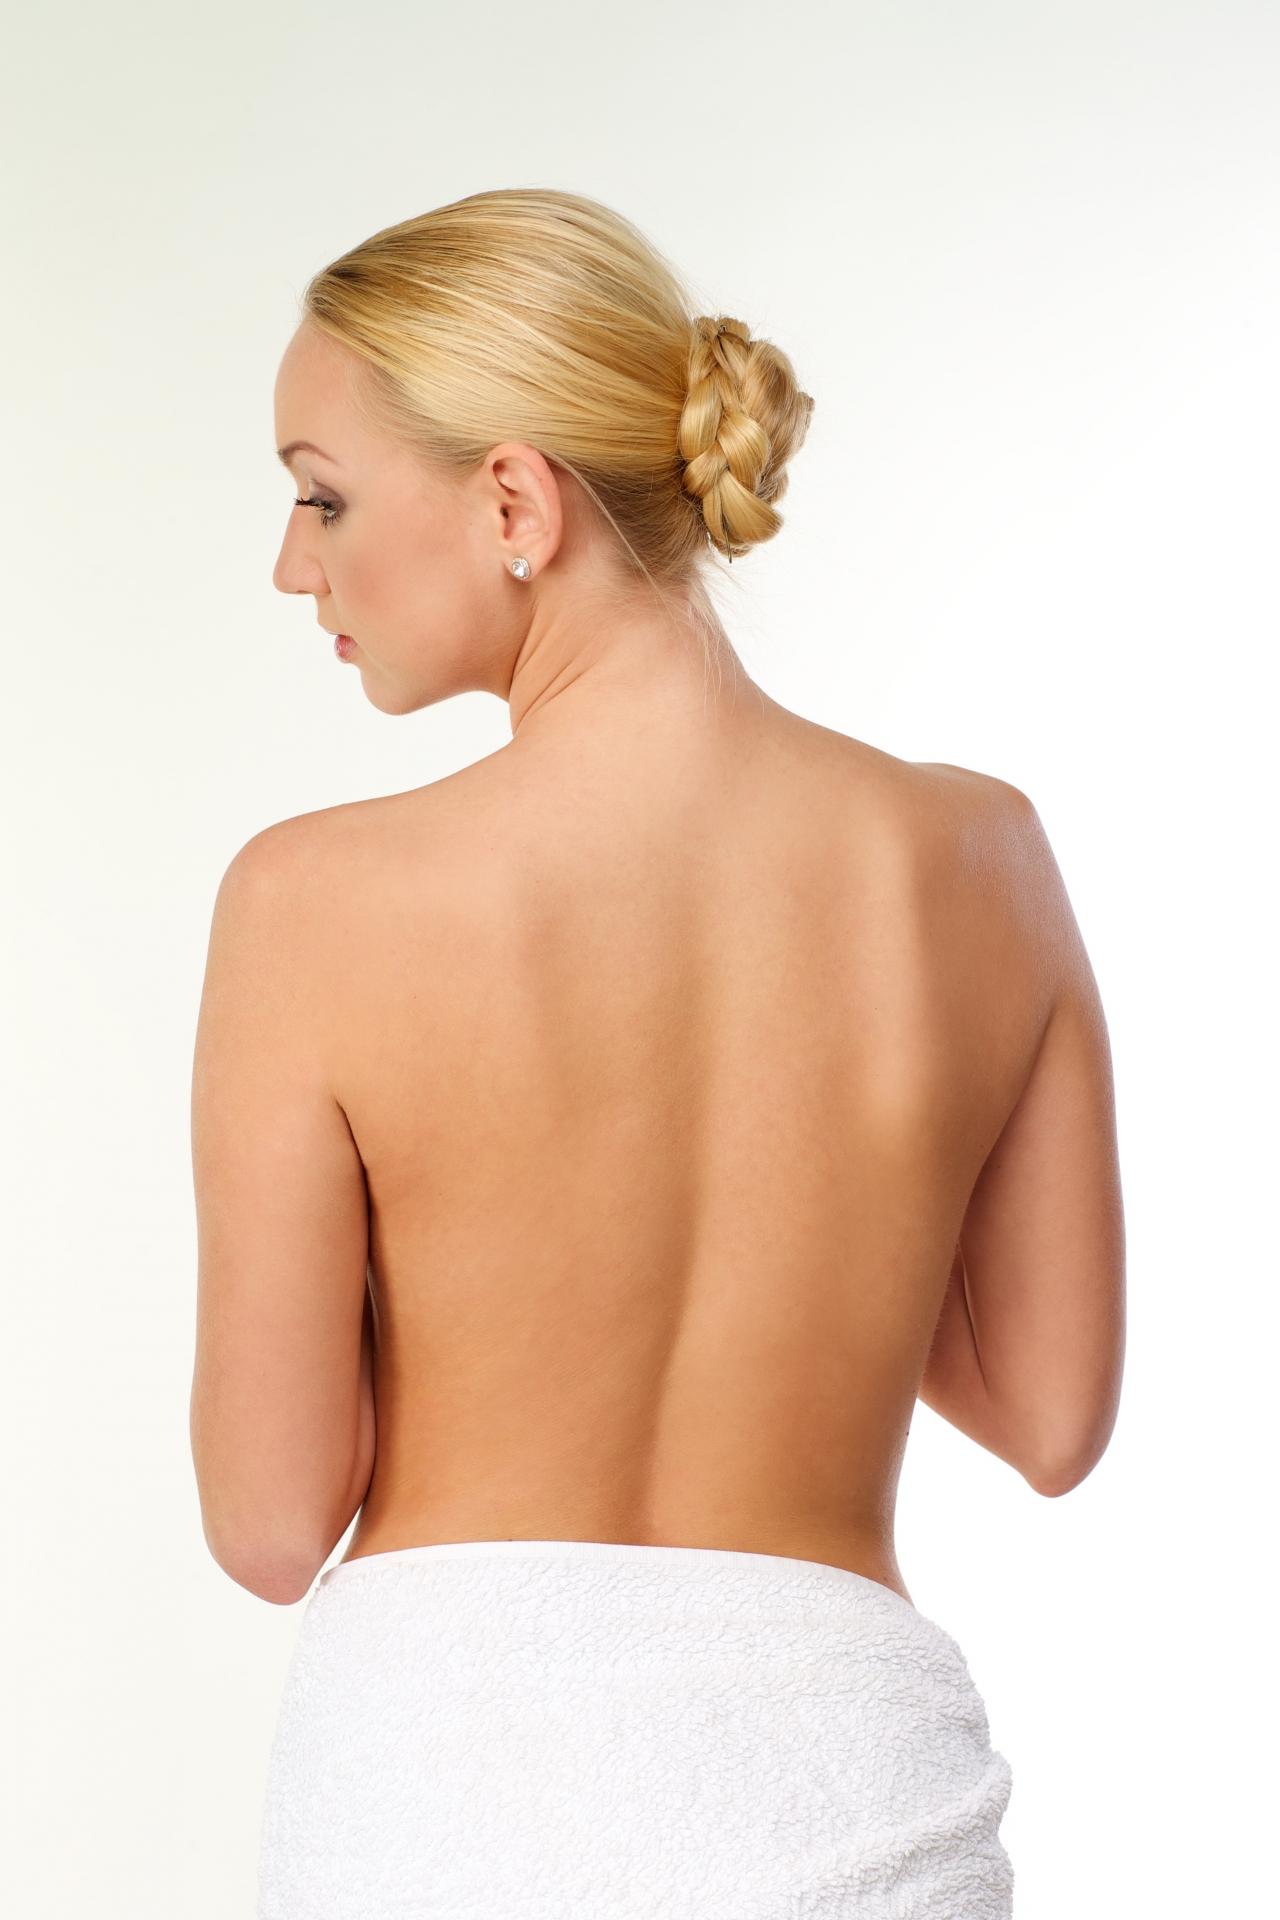 背中が毛深い女性は意外と多い!見えない場所のムダ毛処理の効果的な方法